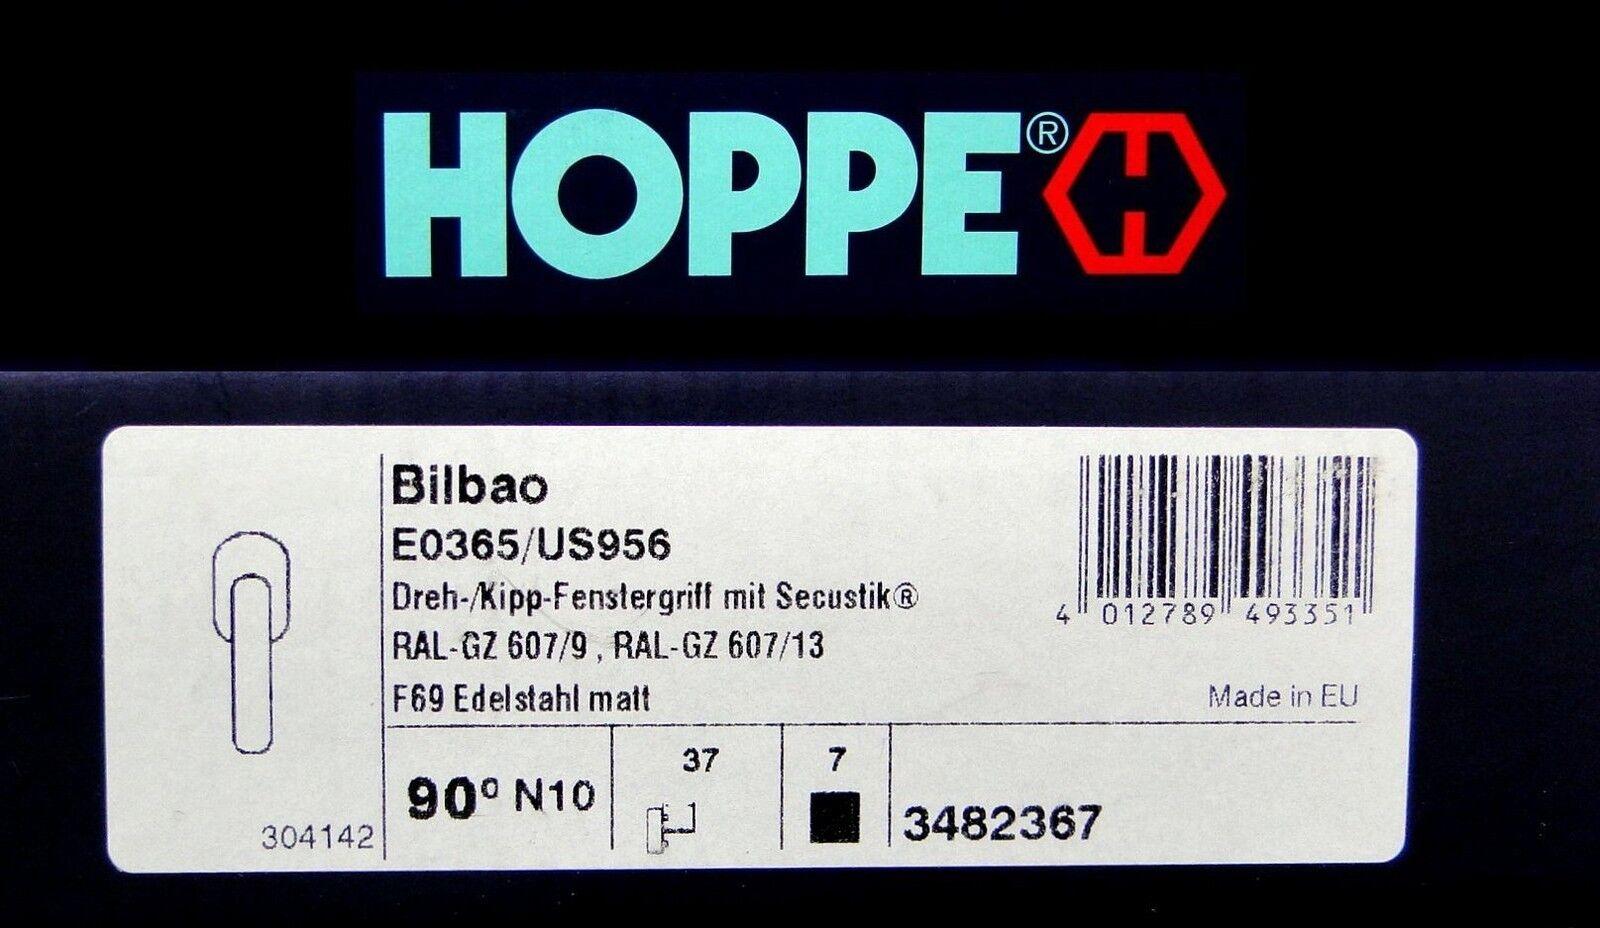 2x Edelstahl Fenstergriffe HOPPE BILBAO E0365 E0365 E0365 US956 Secustik® Stift 7x37mm | Verschiedene Waren  0a5bf8